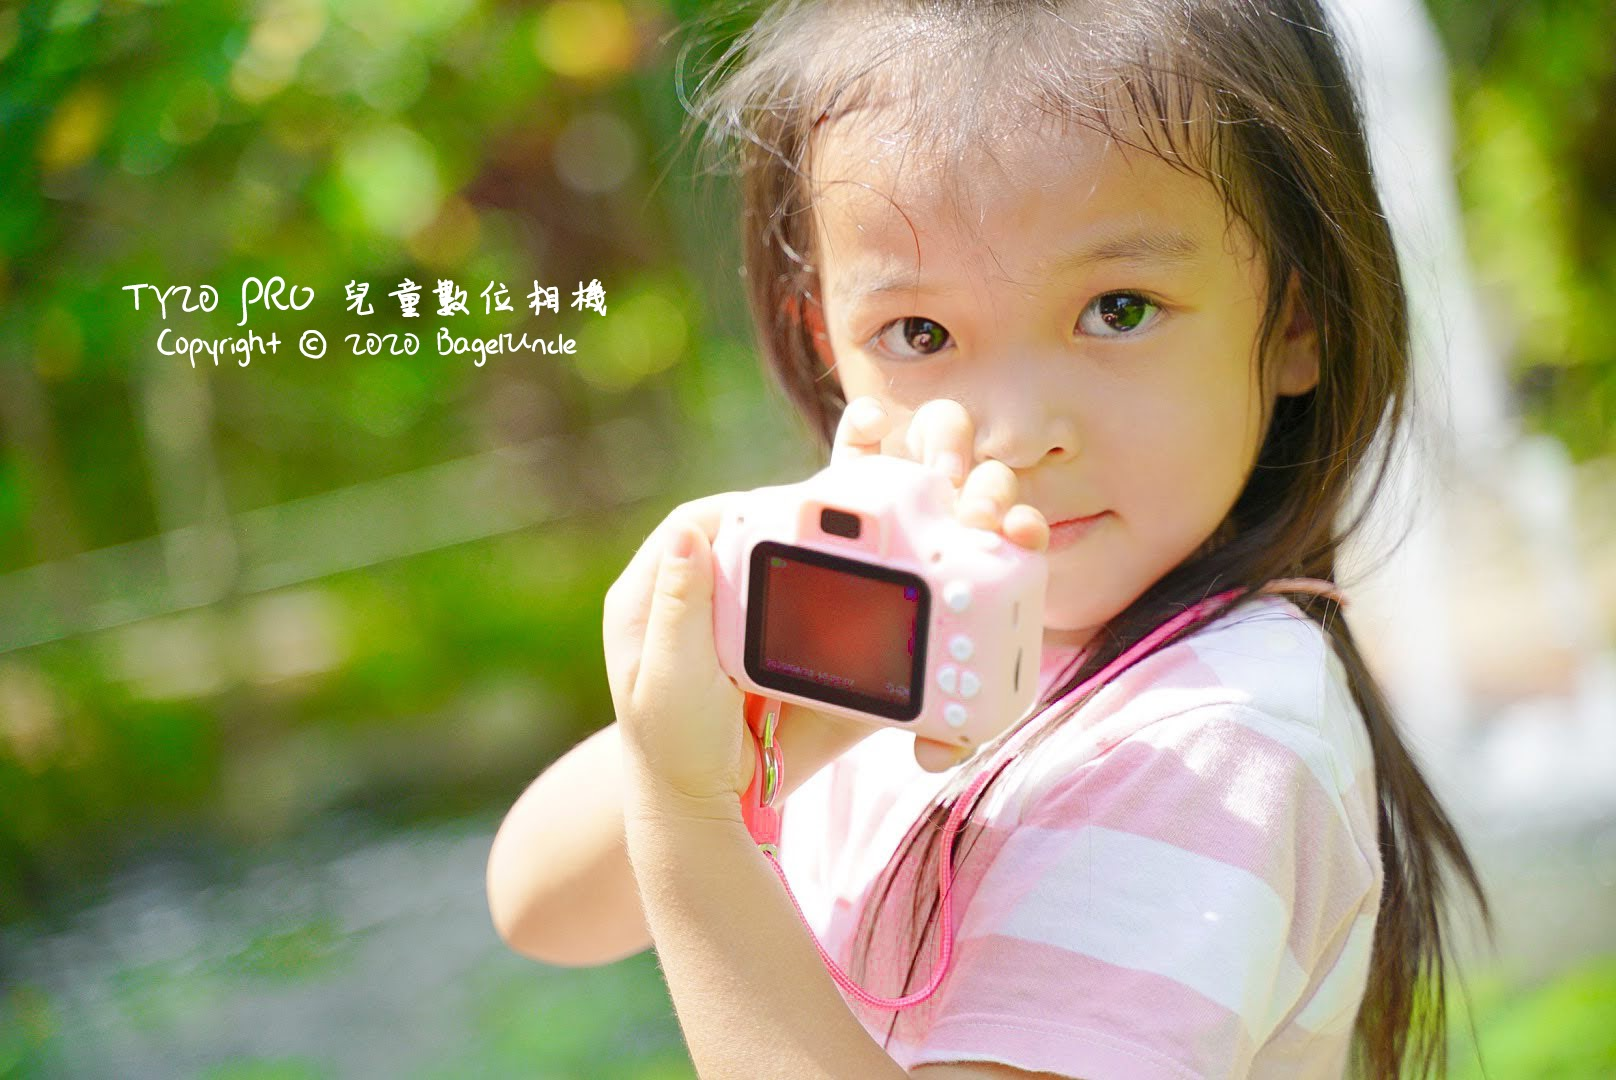 【兒童數位相機推薦】Waymax 威瑪科技 | TY20 兒童數位相機 讓孩子感受到攝影帶來的快樂